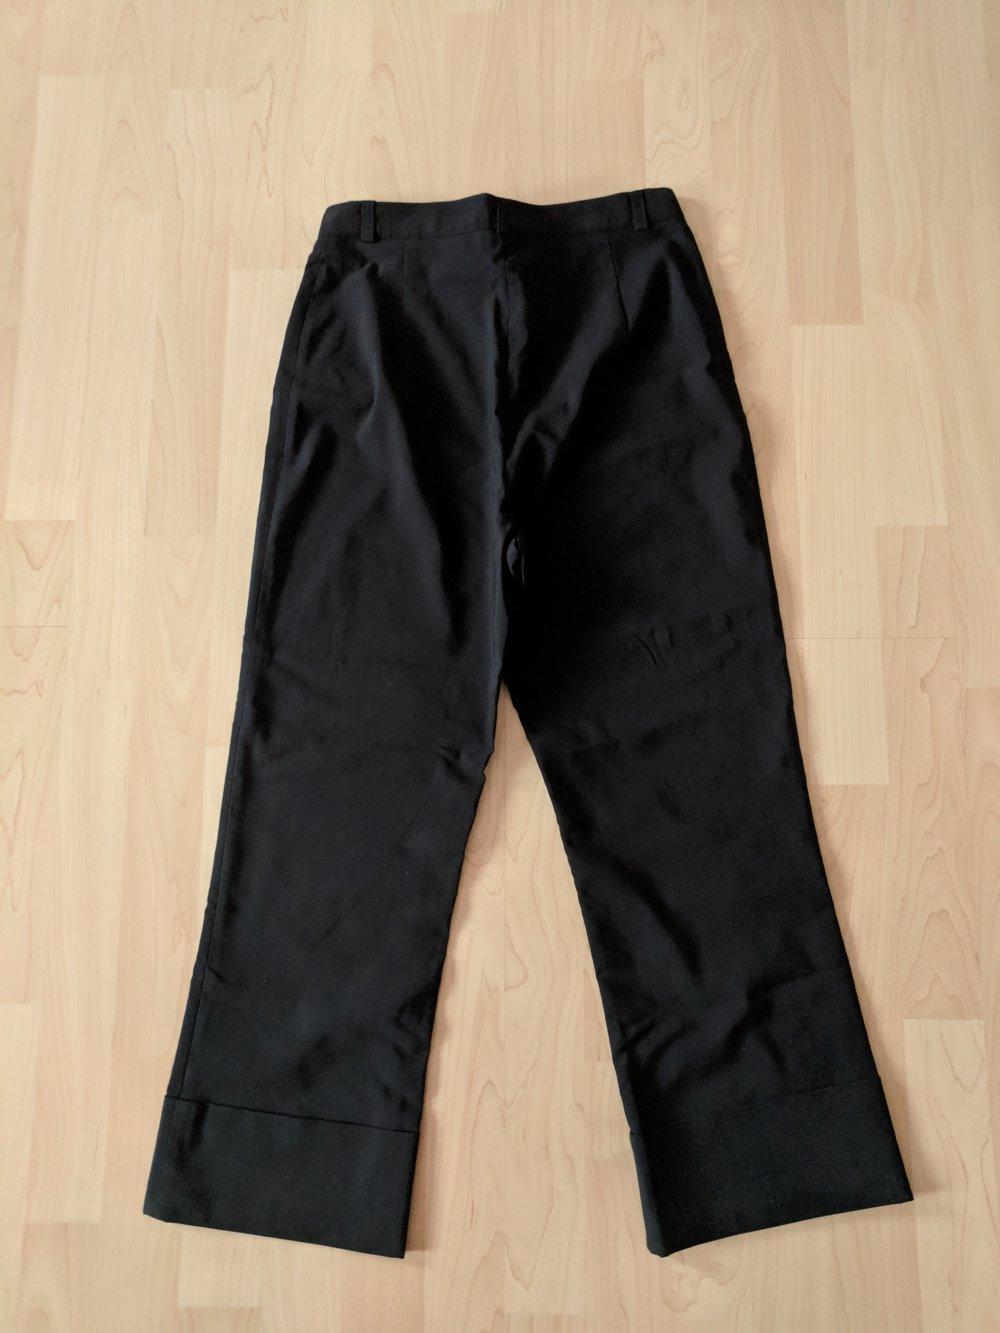 Weiss mit schwarzem Boden spleissend doppellagig Design Fliege fuer Maenner B6Q4